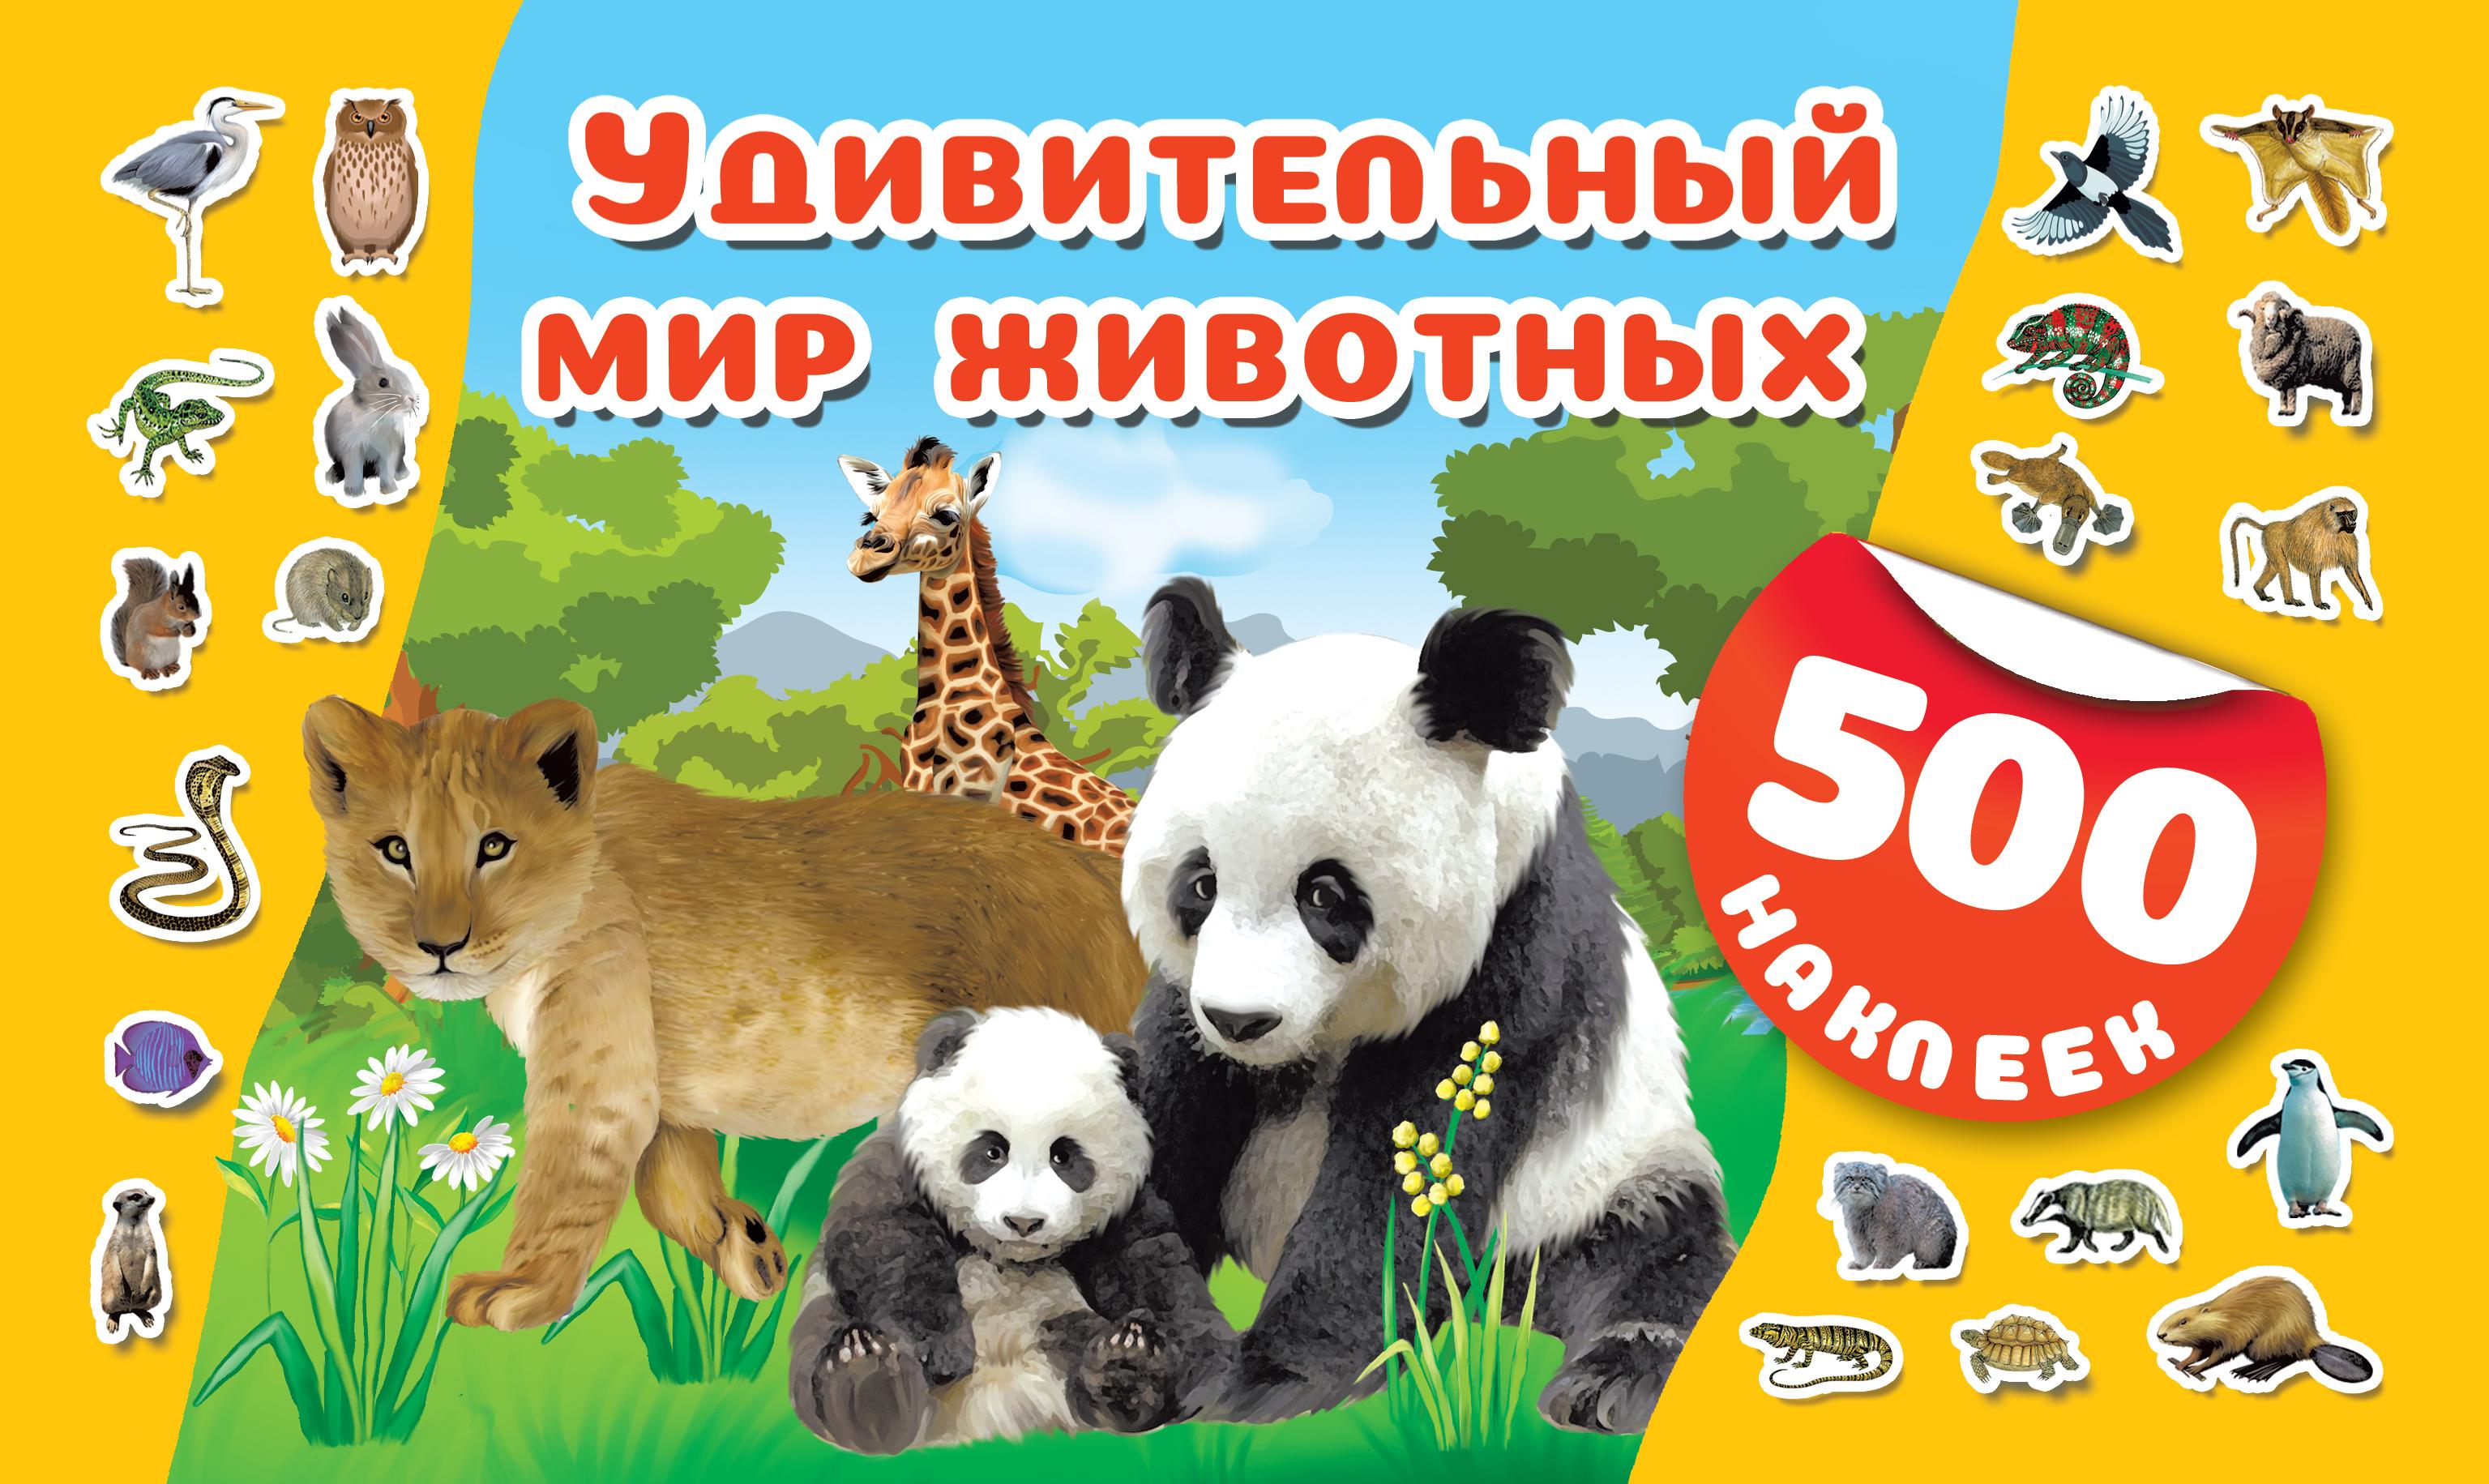 Глотова В.Ю., Рахманов А. Удивительный мир животных адаптер гибкий stayer 25512